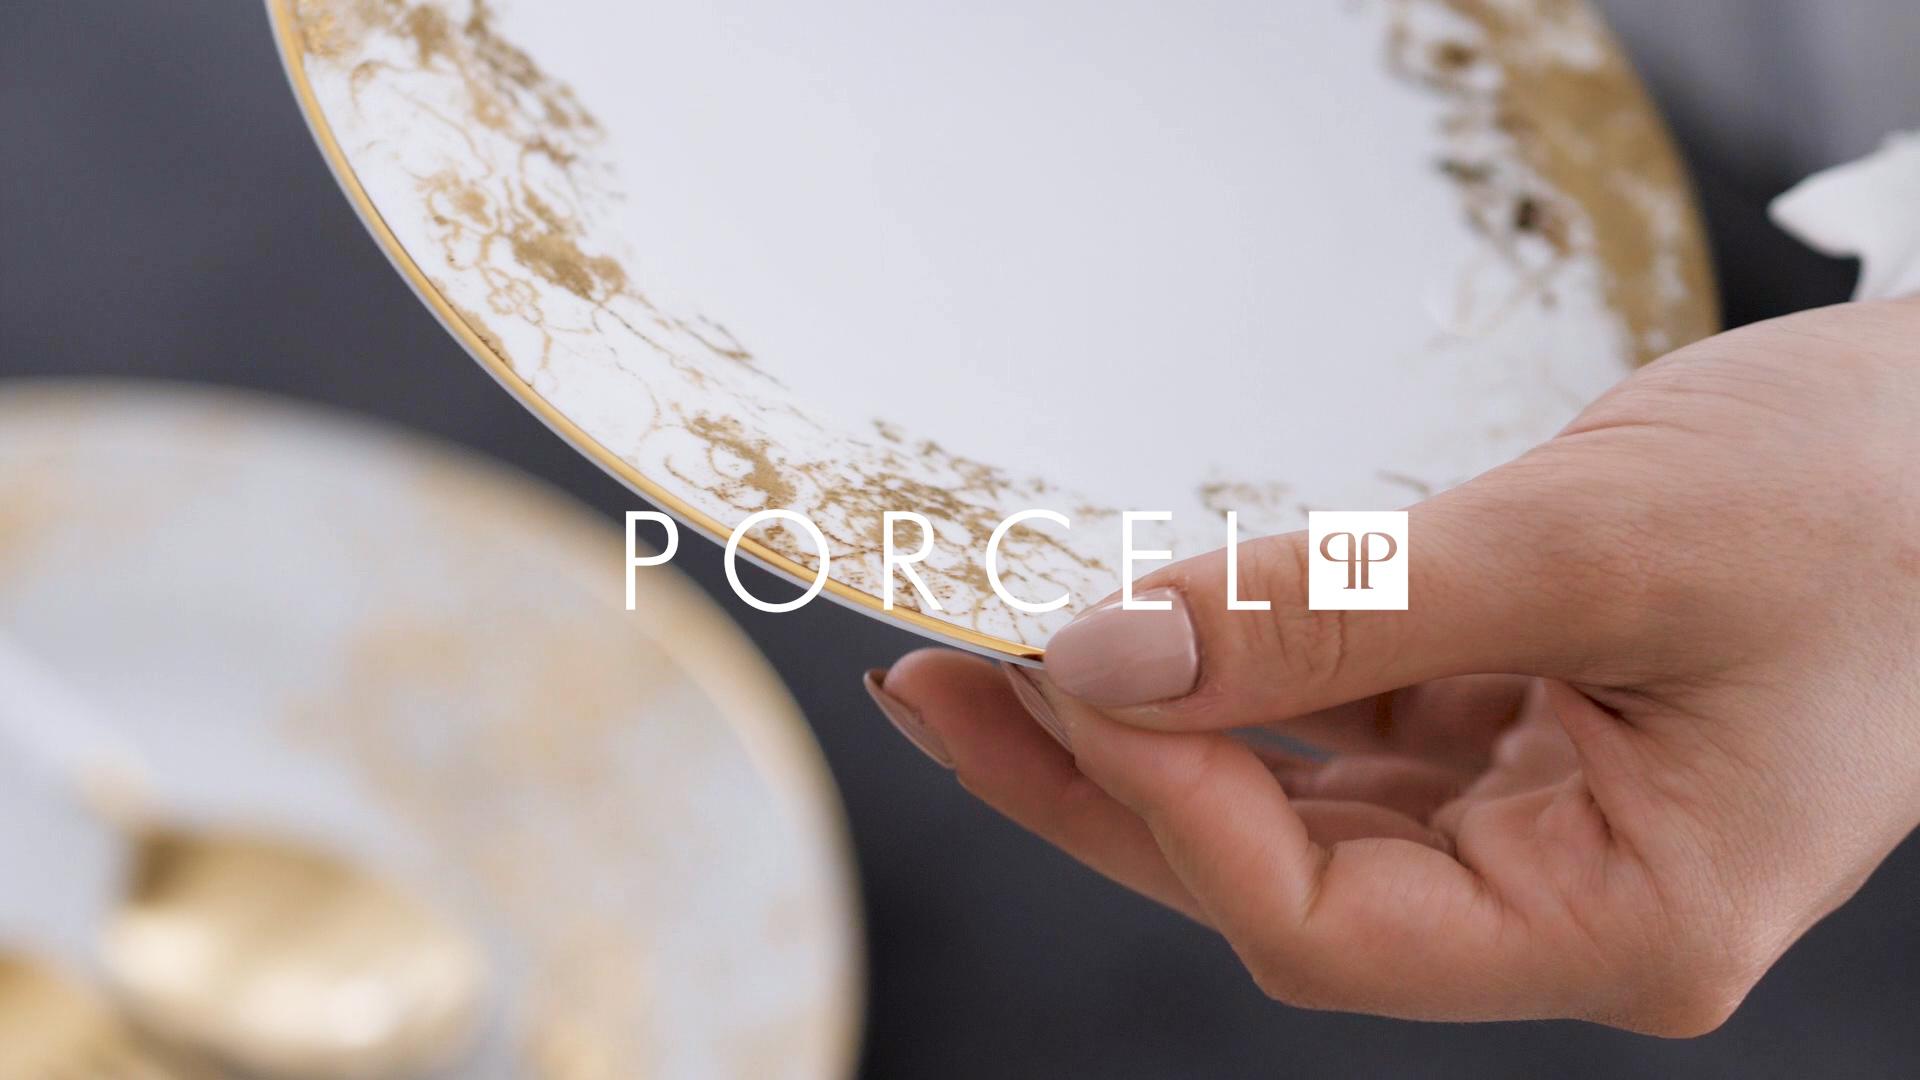 Manufacturing porcelain at Porcel 0